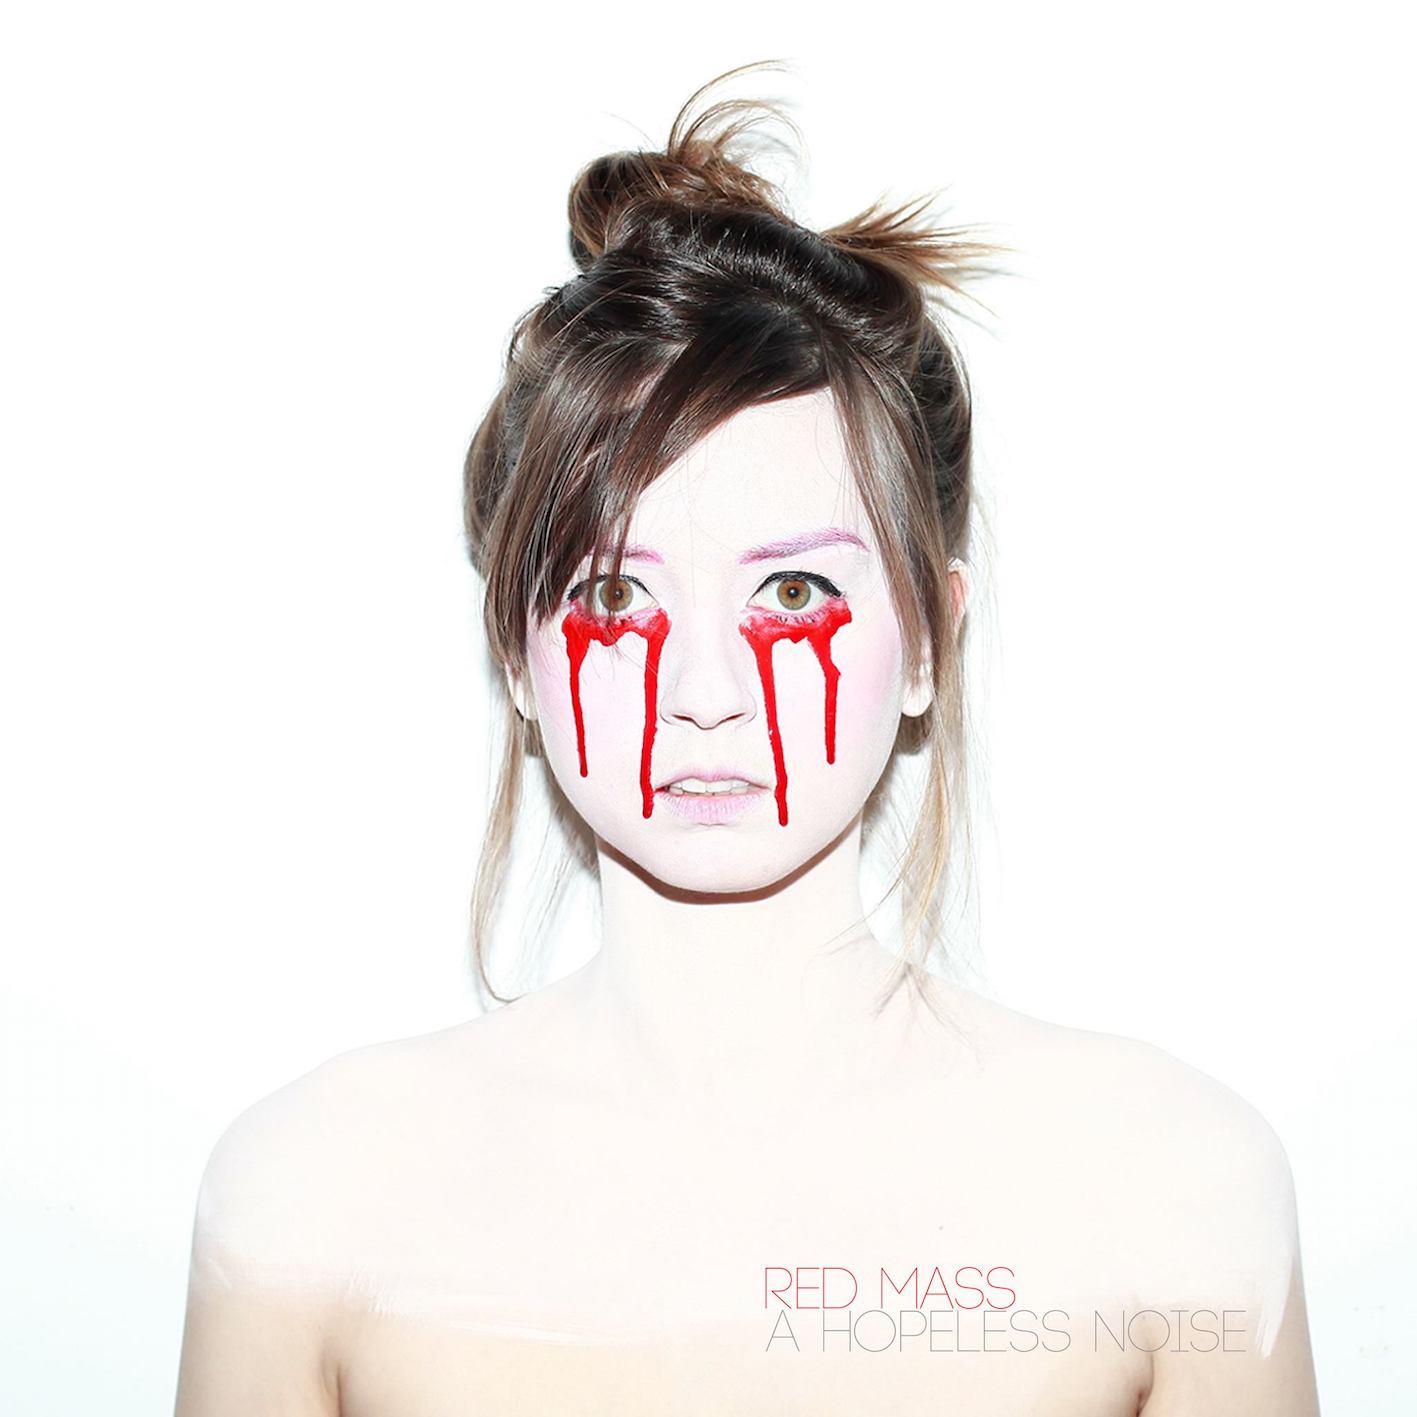 Red Mass - A Hopeless Noise